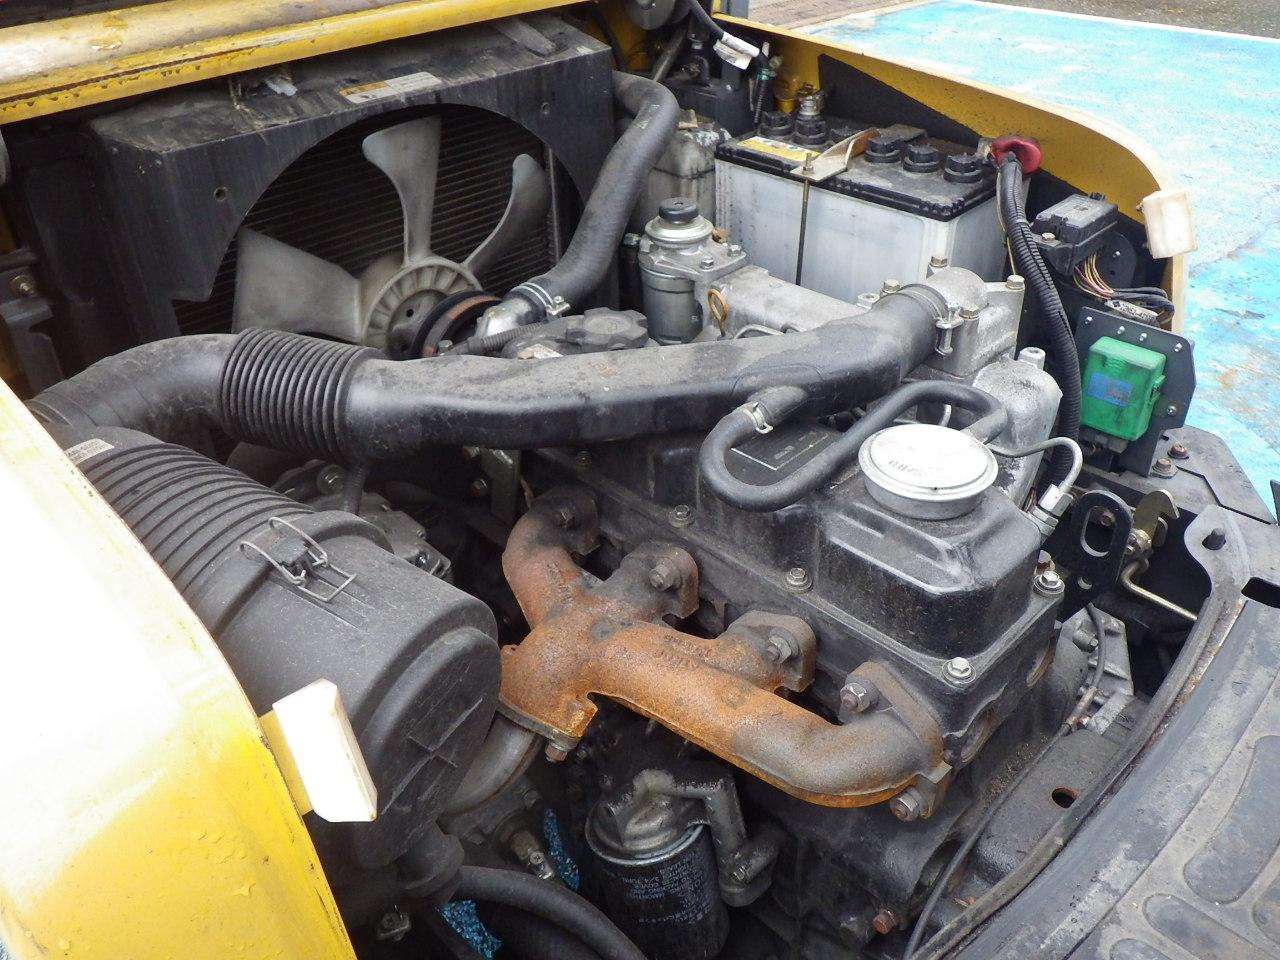 xe nâng động cơ dầu cũ 3 tấn nâng cao 4 mét đời 2010